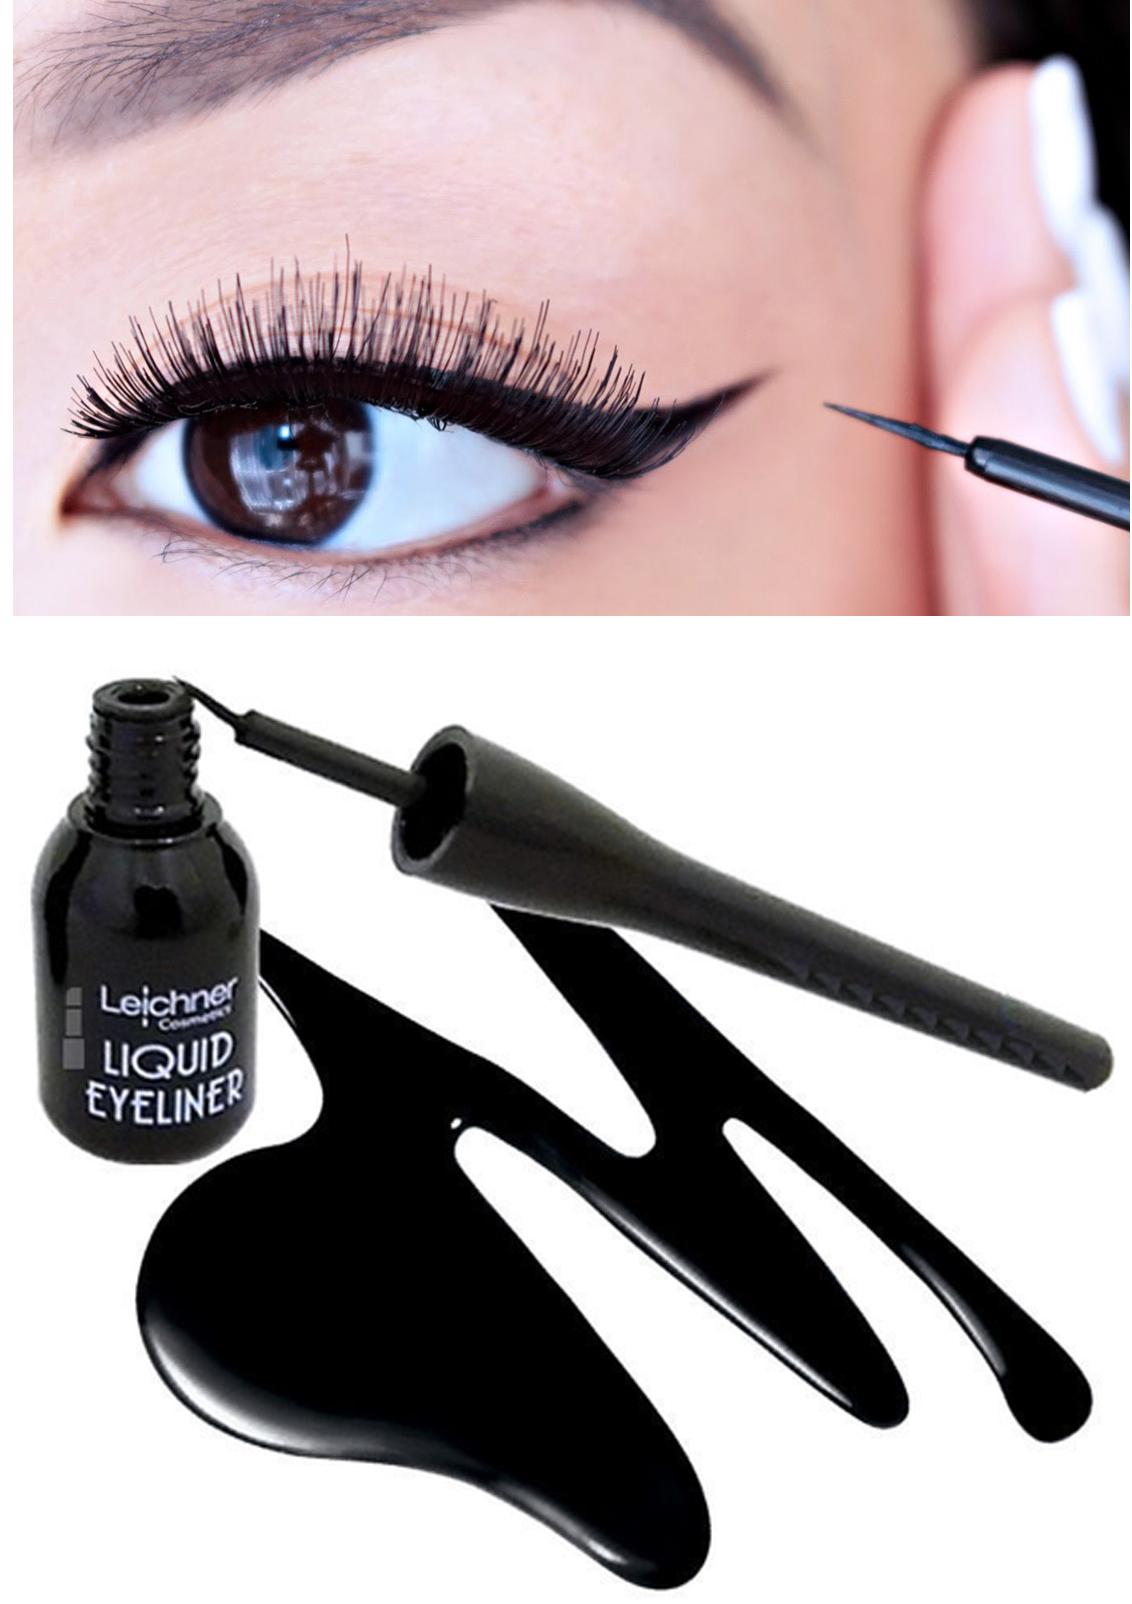 Leichner Precision & Definition Liquid Eyeliner - Black